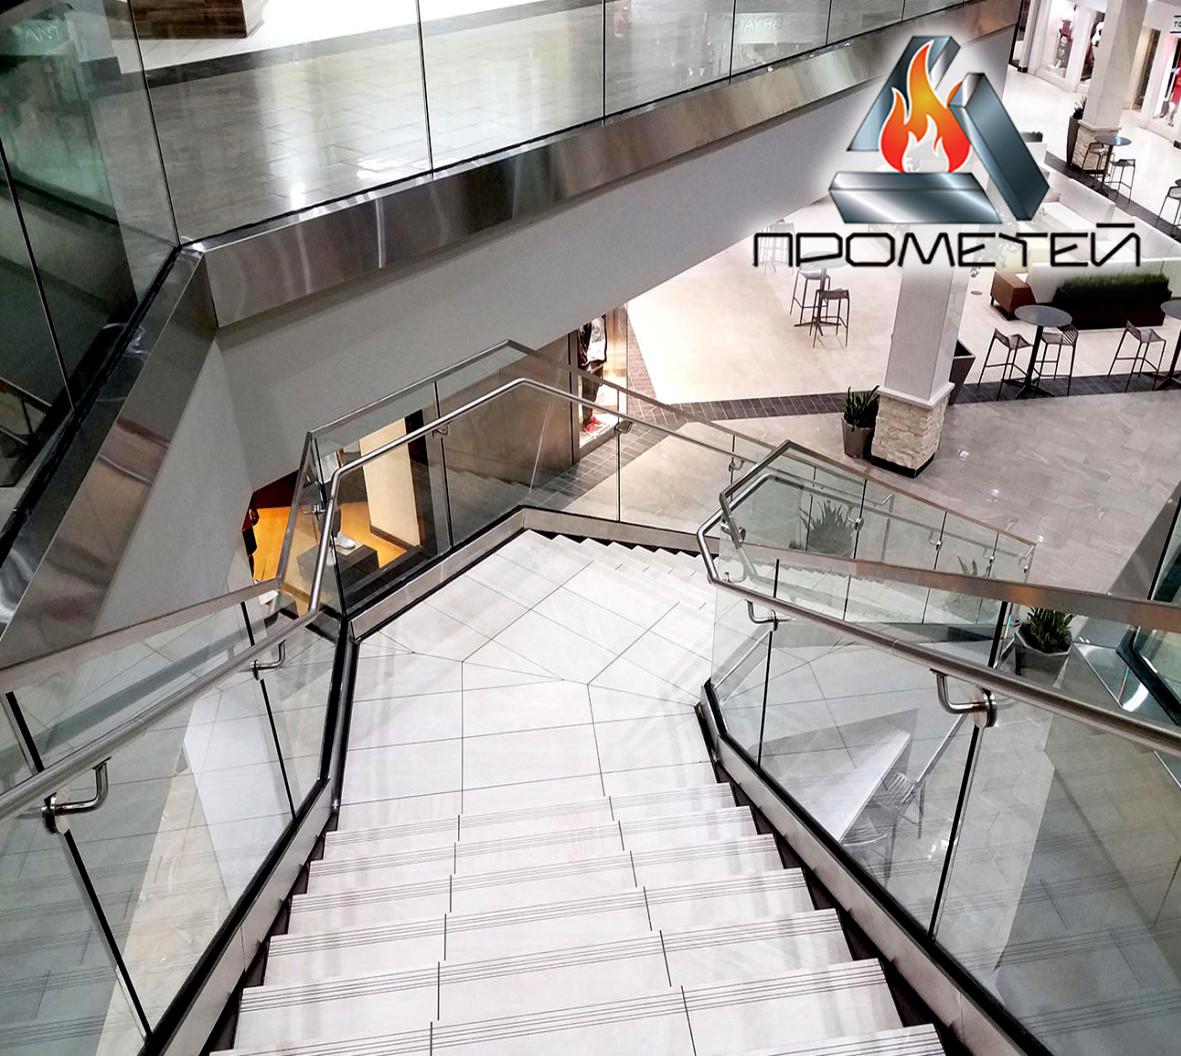 Перильні огорожі і поручні до сходів - виробництво і швидкий монтаж